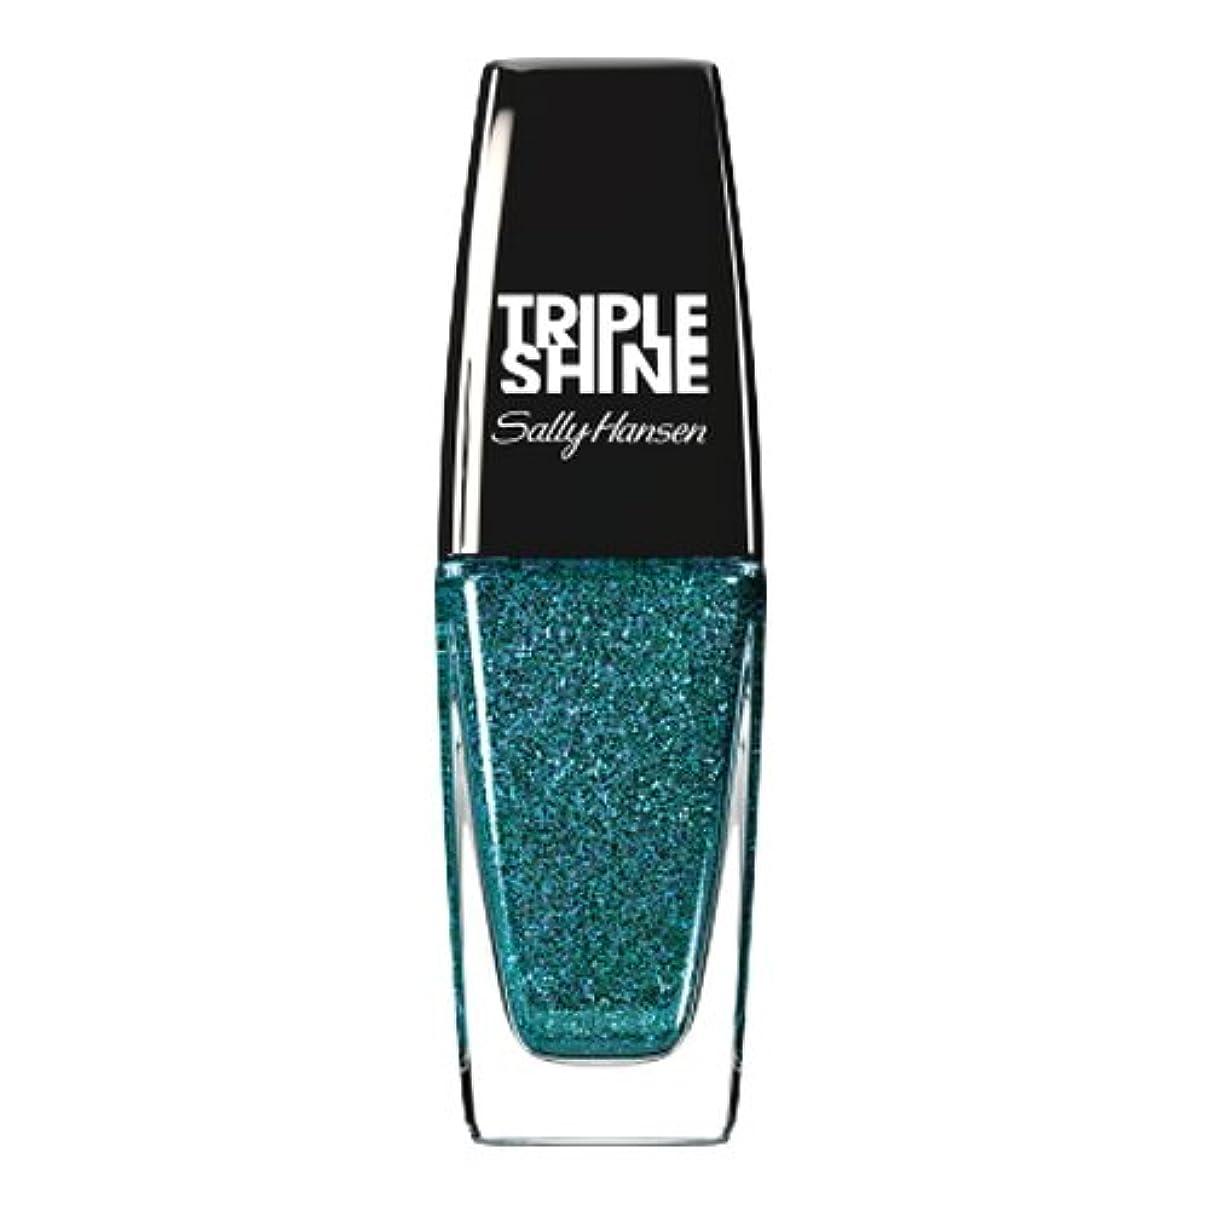 先住民暴動精通したSALLY HANSEN Triple Shine Nail Polish - Sparkling Water (並行輸入品)